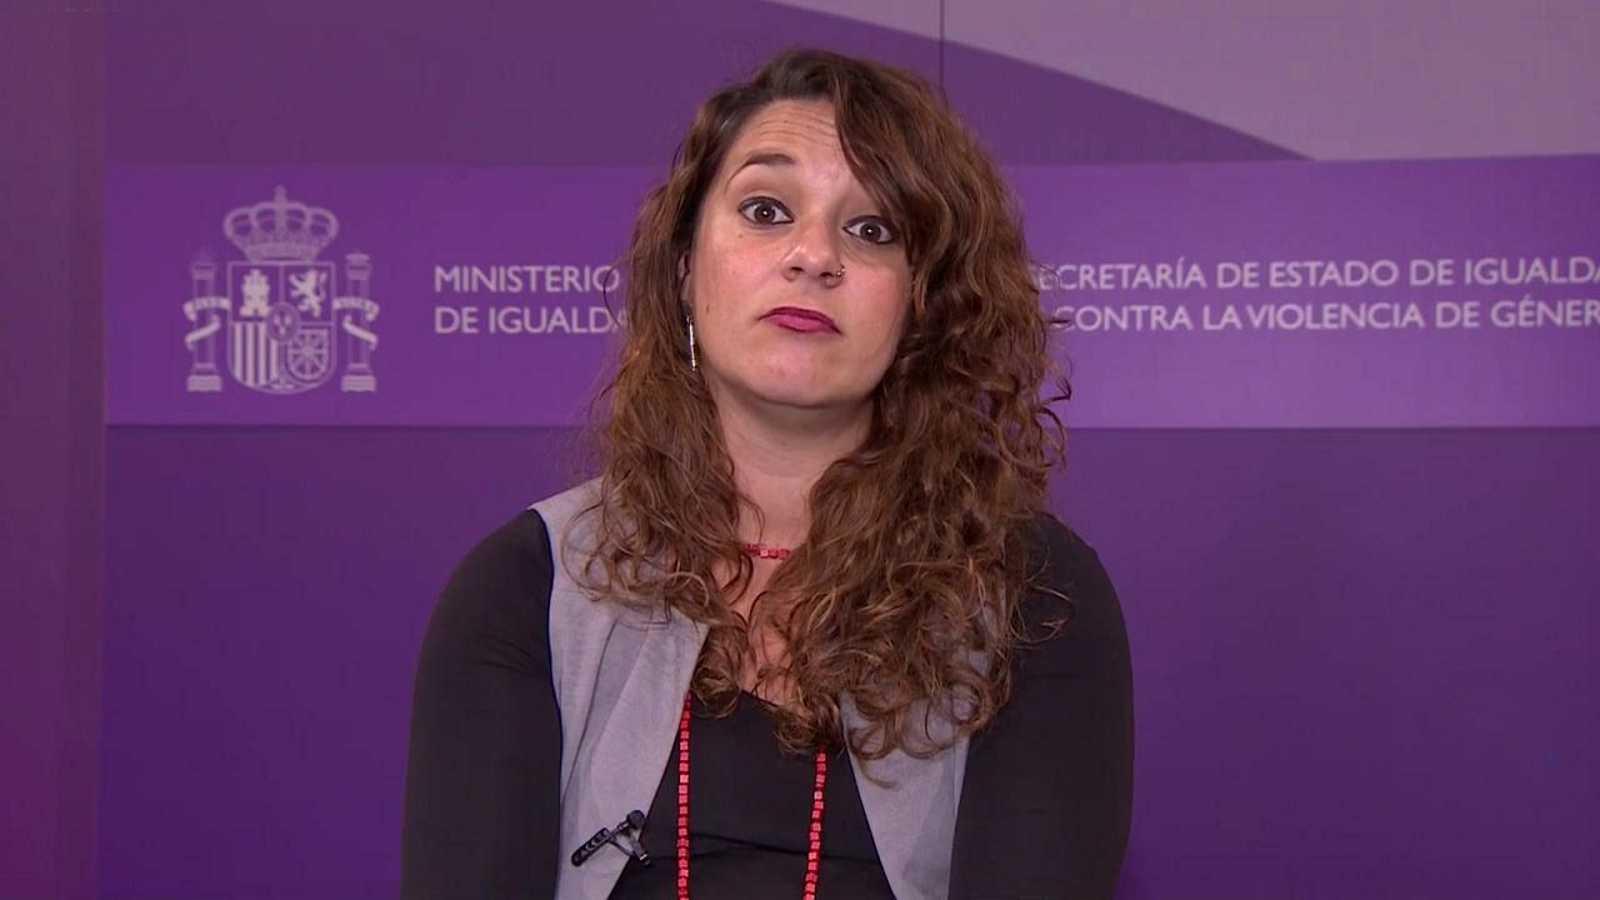 Los desayunos de TVE - Noelia Vera, secretaria de Estado de Igualdad y Contra la Violencia de Género  - ver ahora